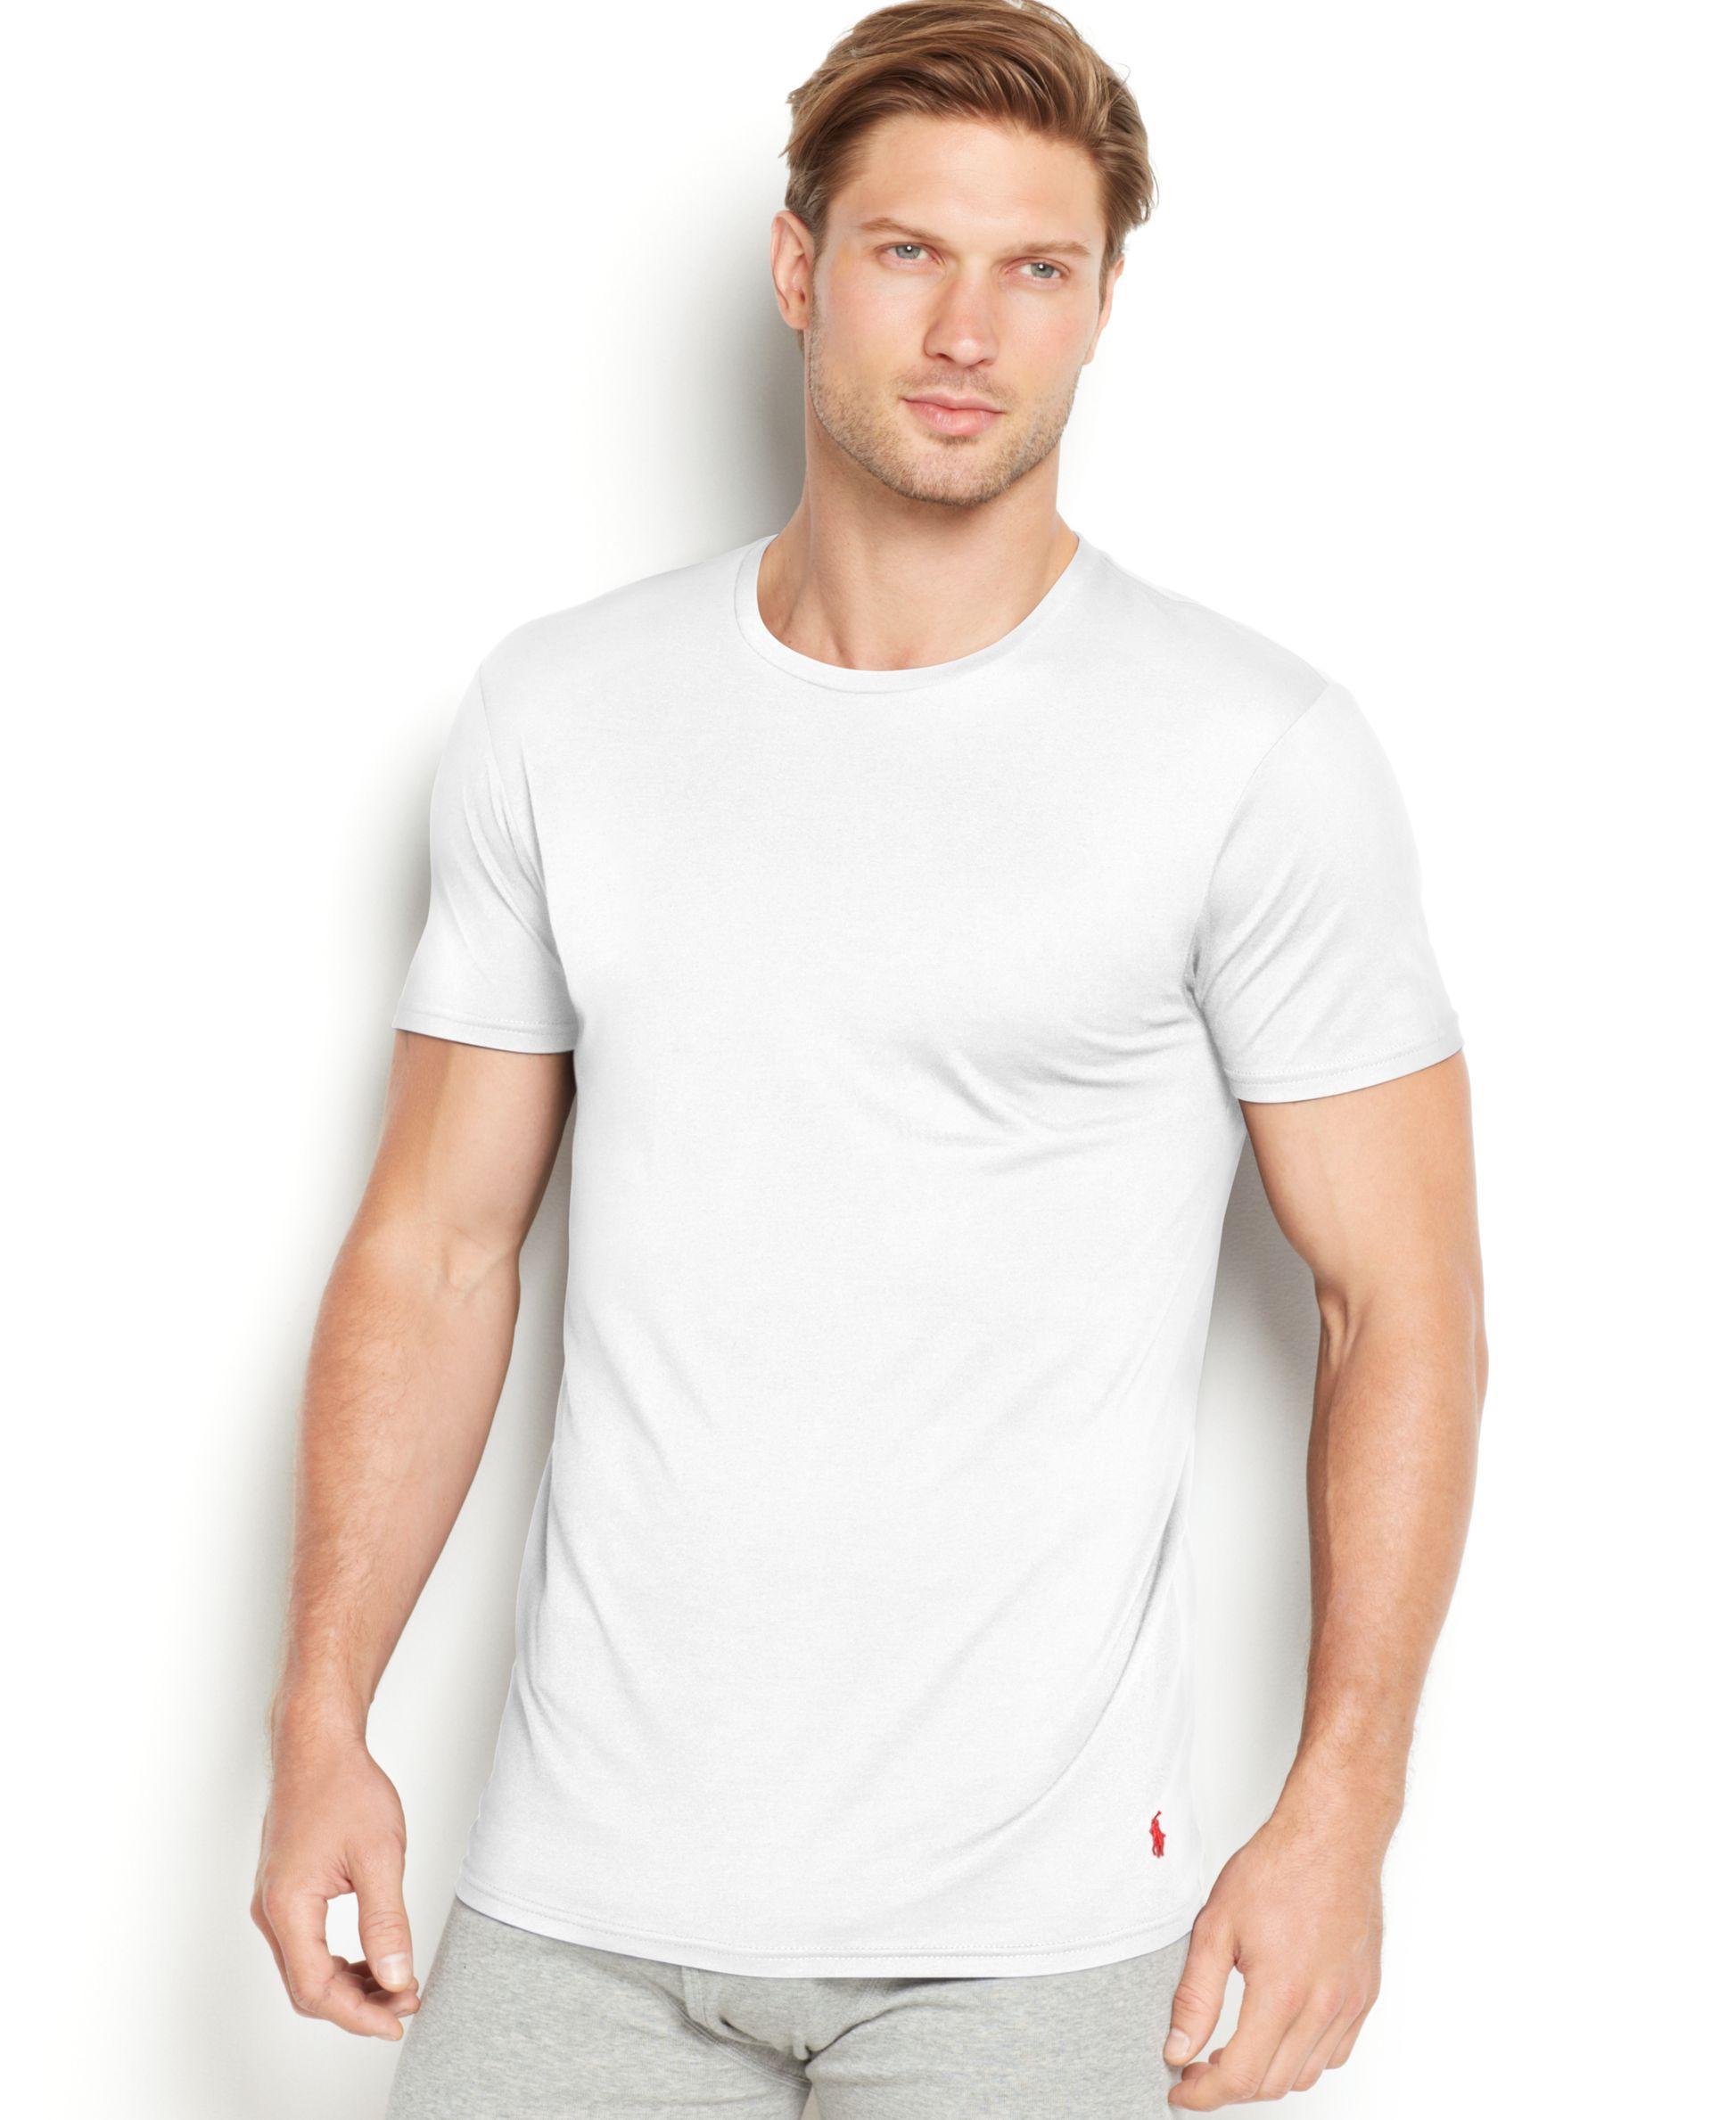 645dcfbe1473 Polo Ralph Lauren Men's Supreme Comfort Crew-neck T-shirt 2-pack in ...